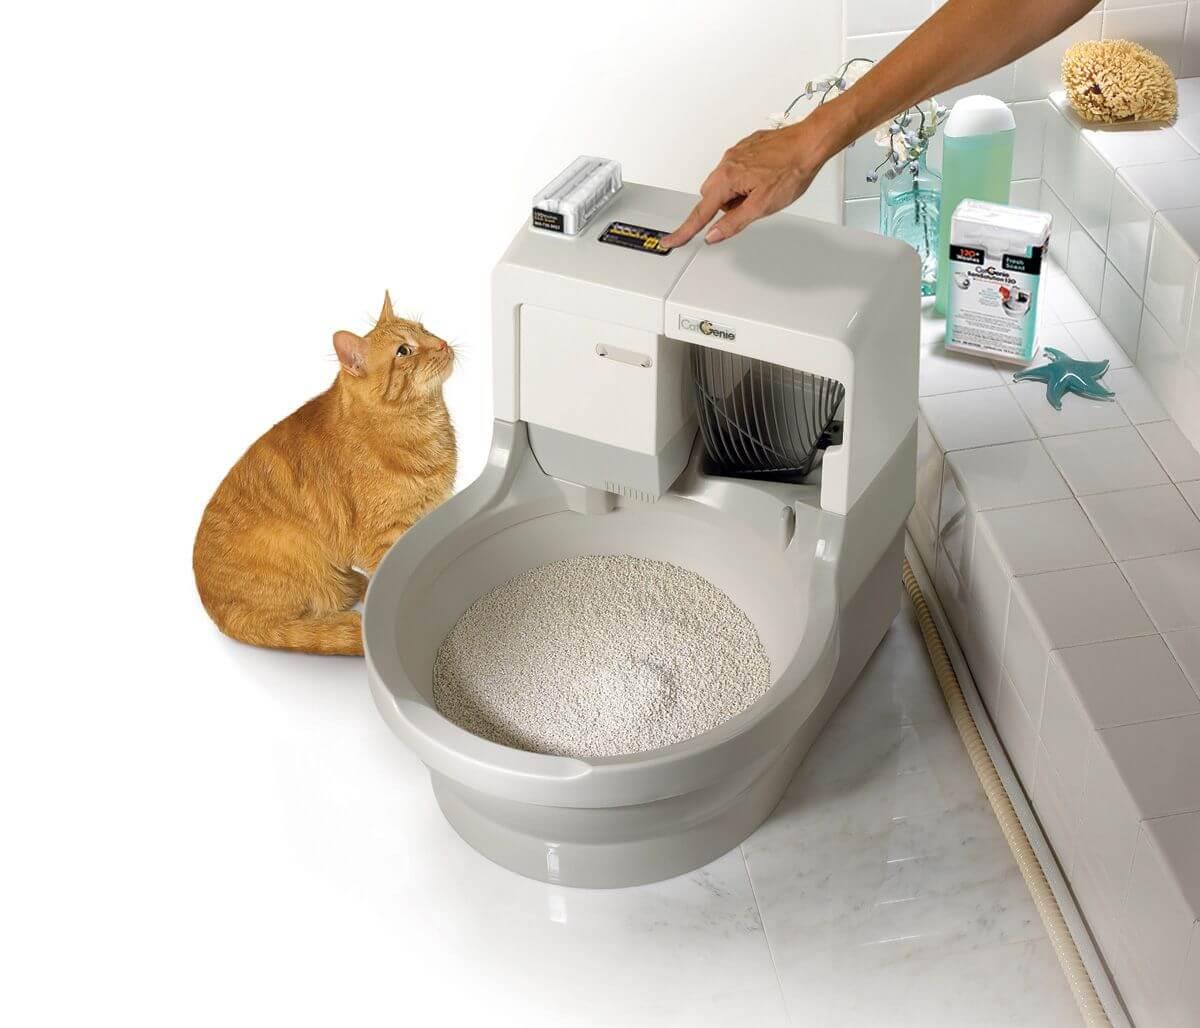 Лоток для мейн-куна — выбор закрытого туалета-домика и наполнителя